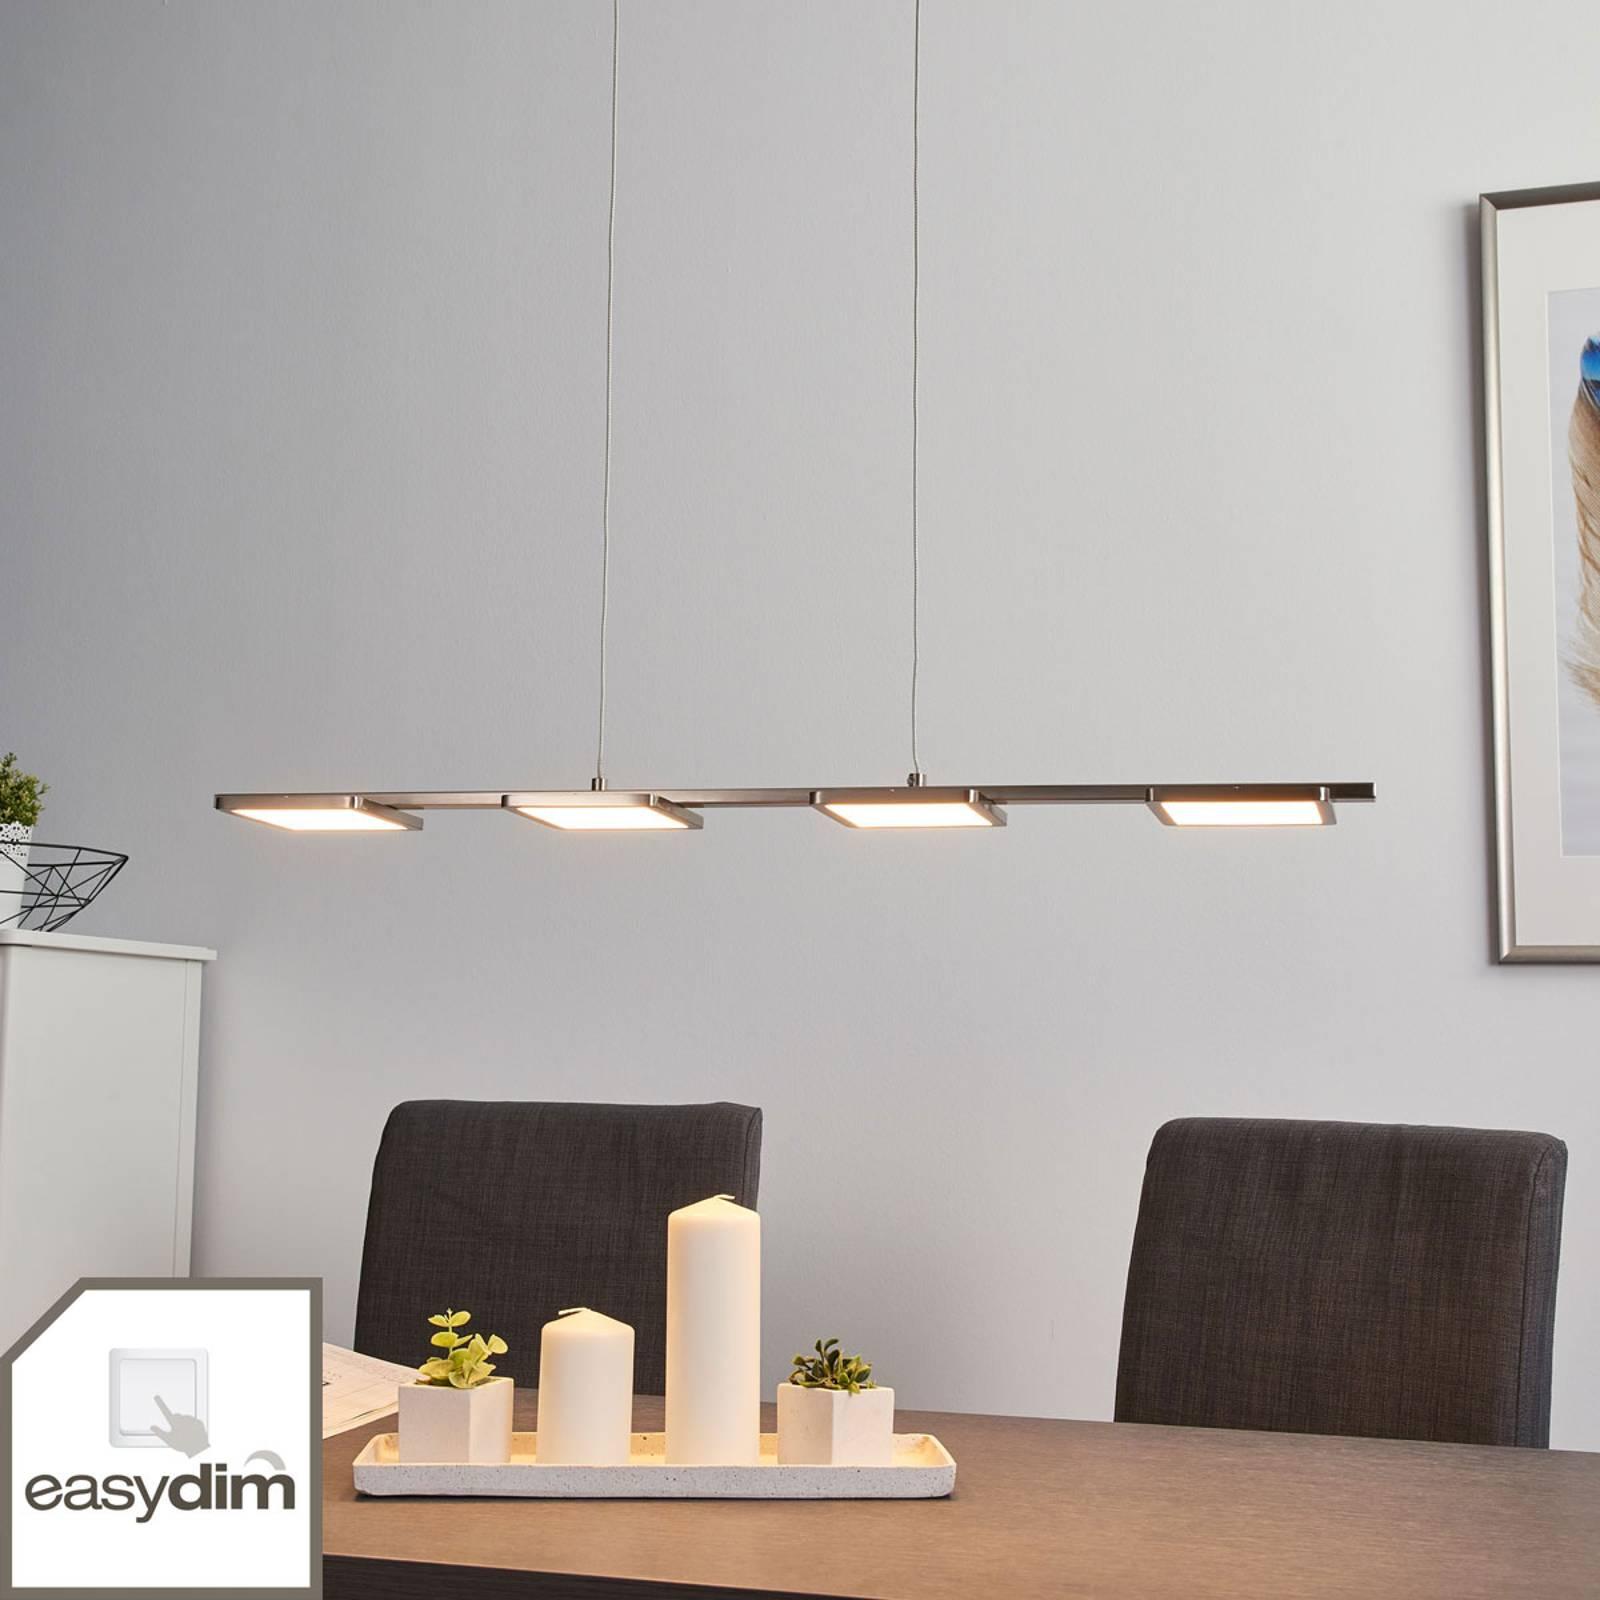 Suspension LED droite Uranus, Easydim